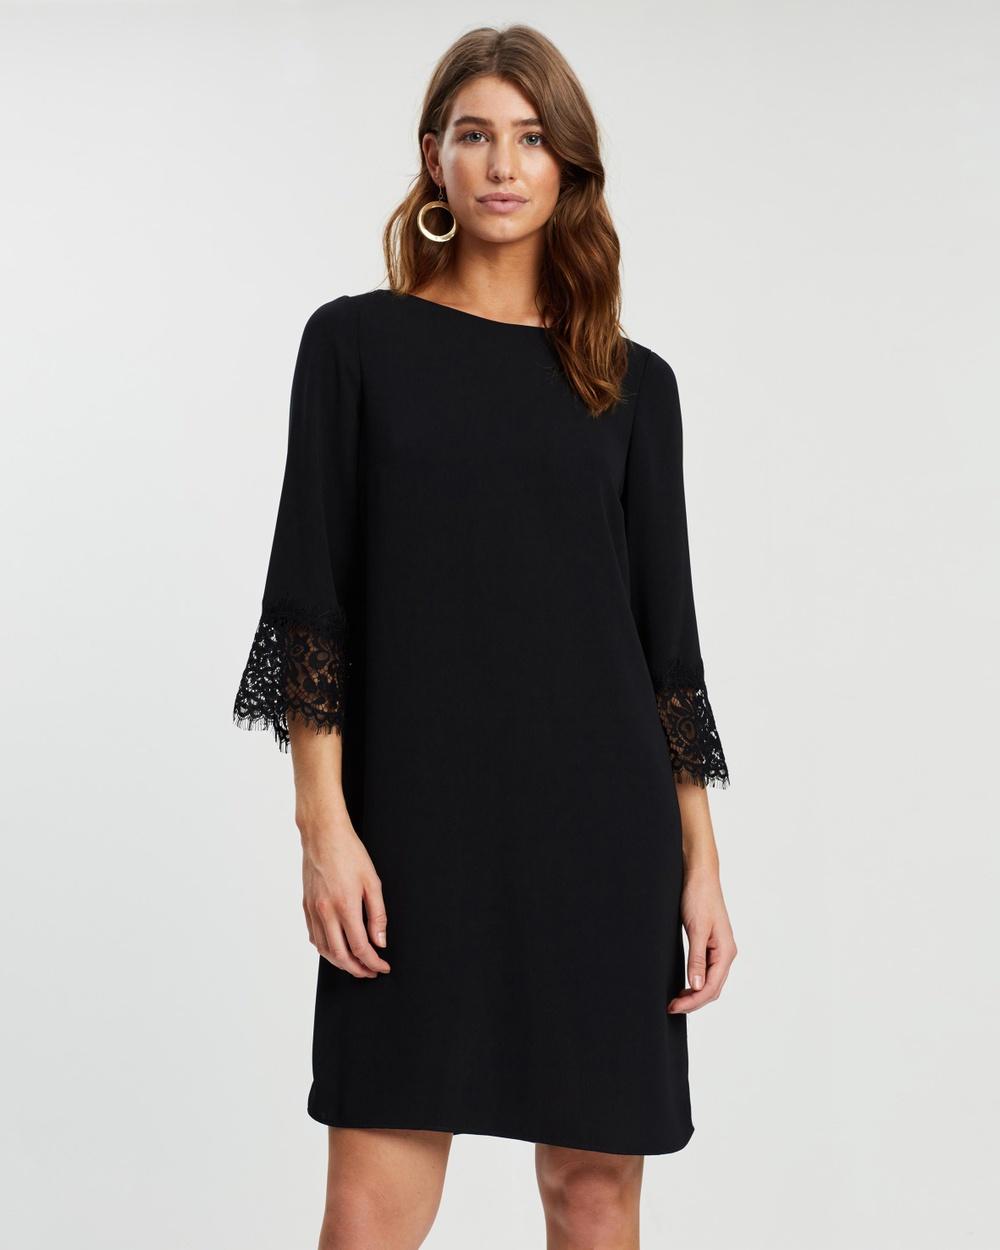 Wallis Black Lace Cuff Shift Dress